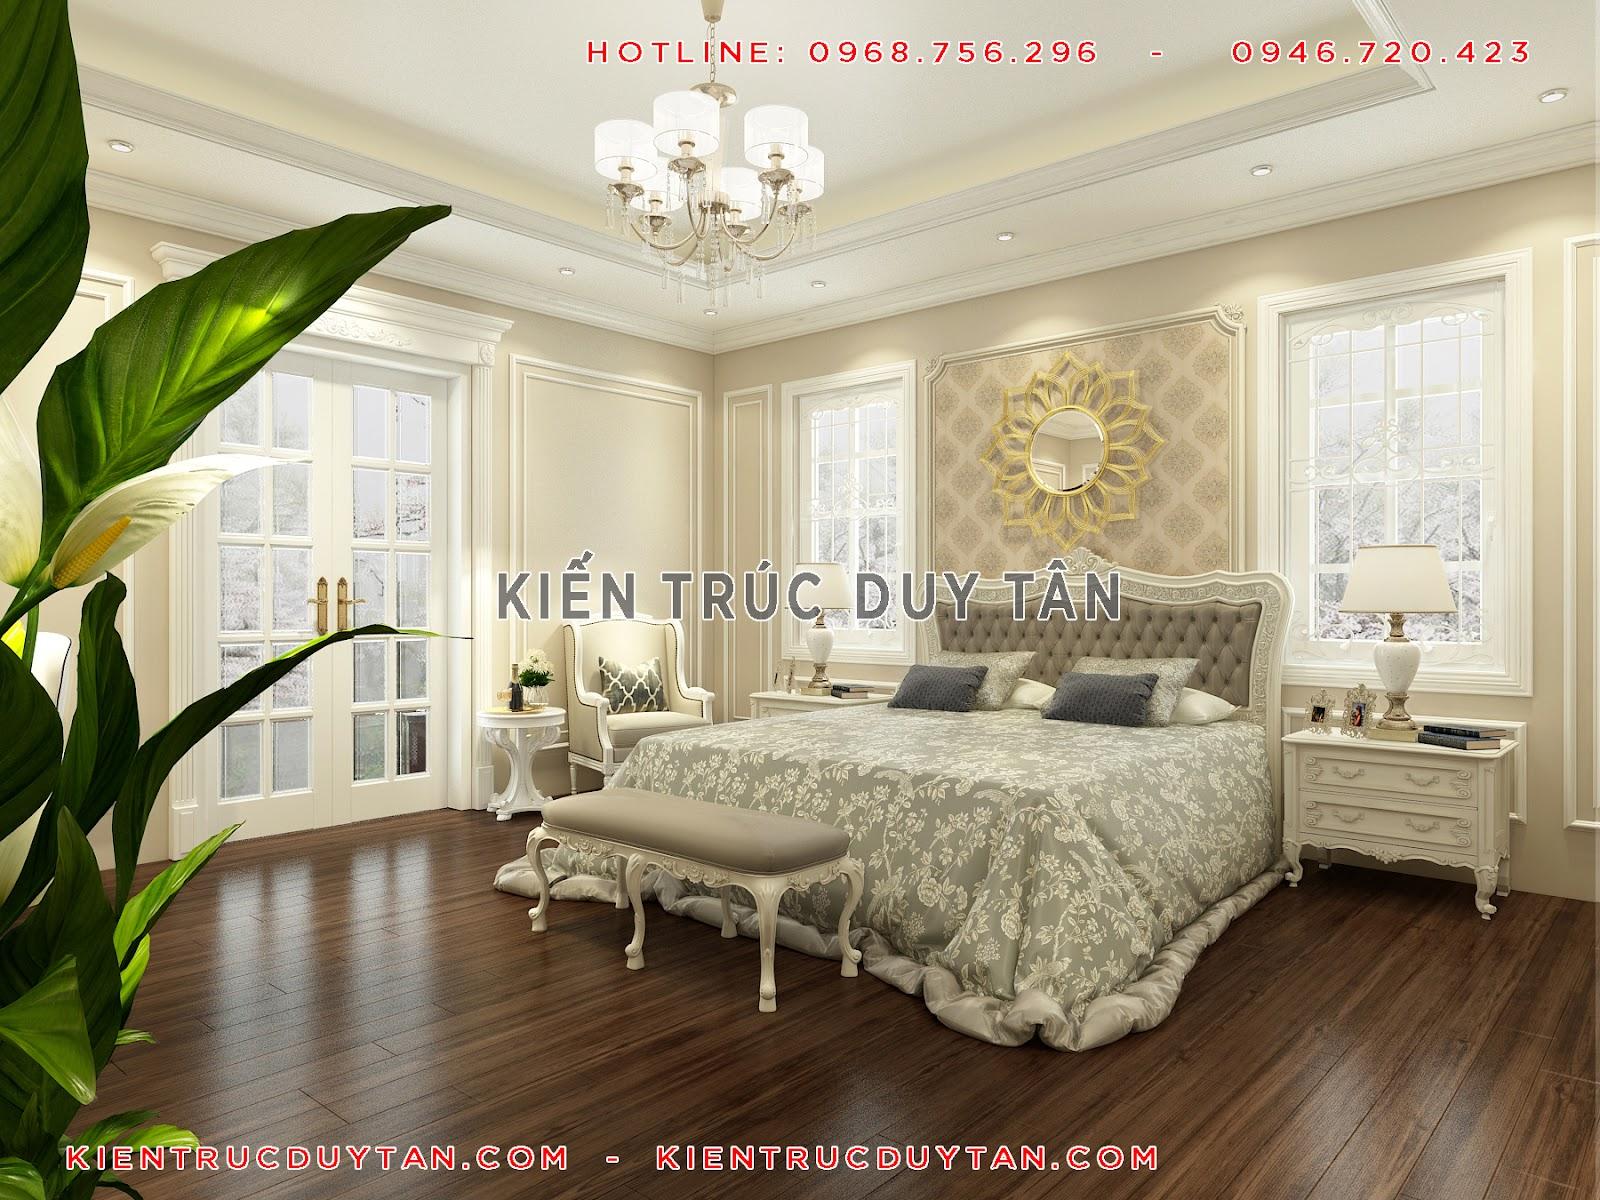 Biệt thự có 3 phòng ngủ tạo sự liên kết giữa các thành viên trong gia đình